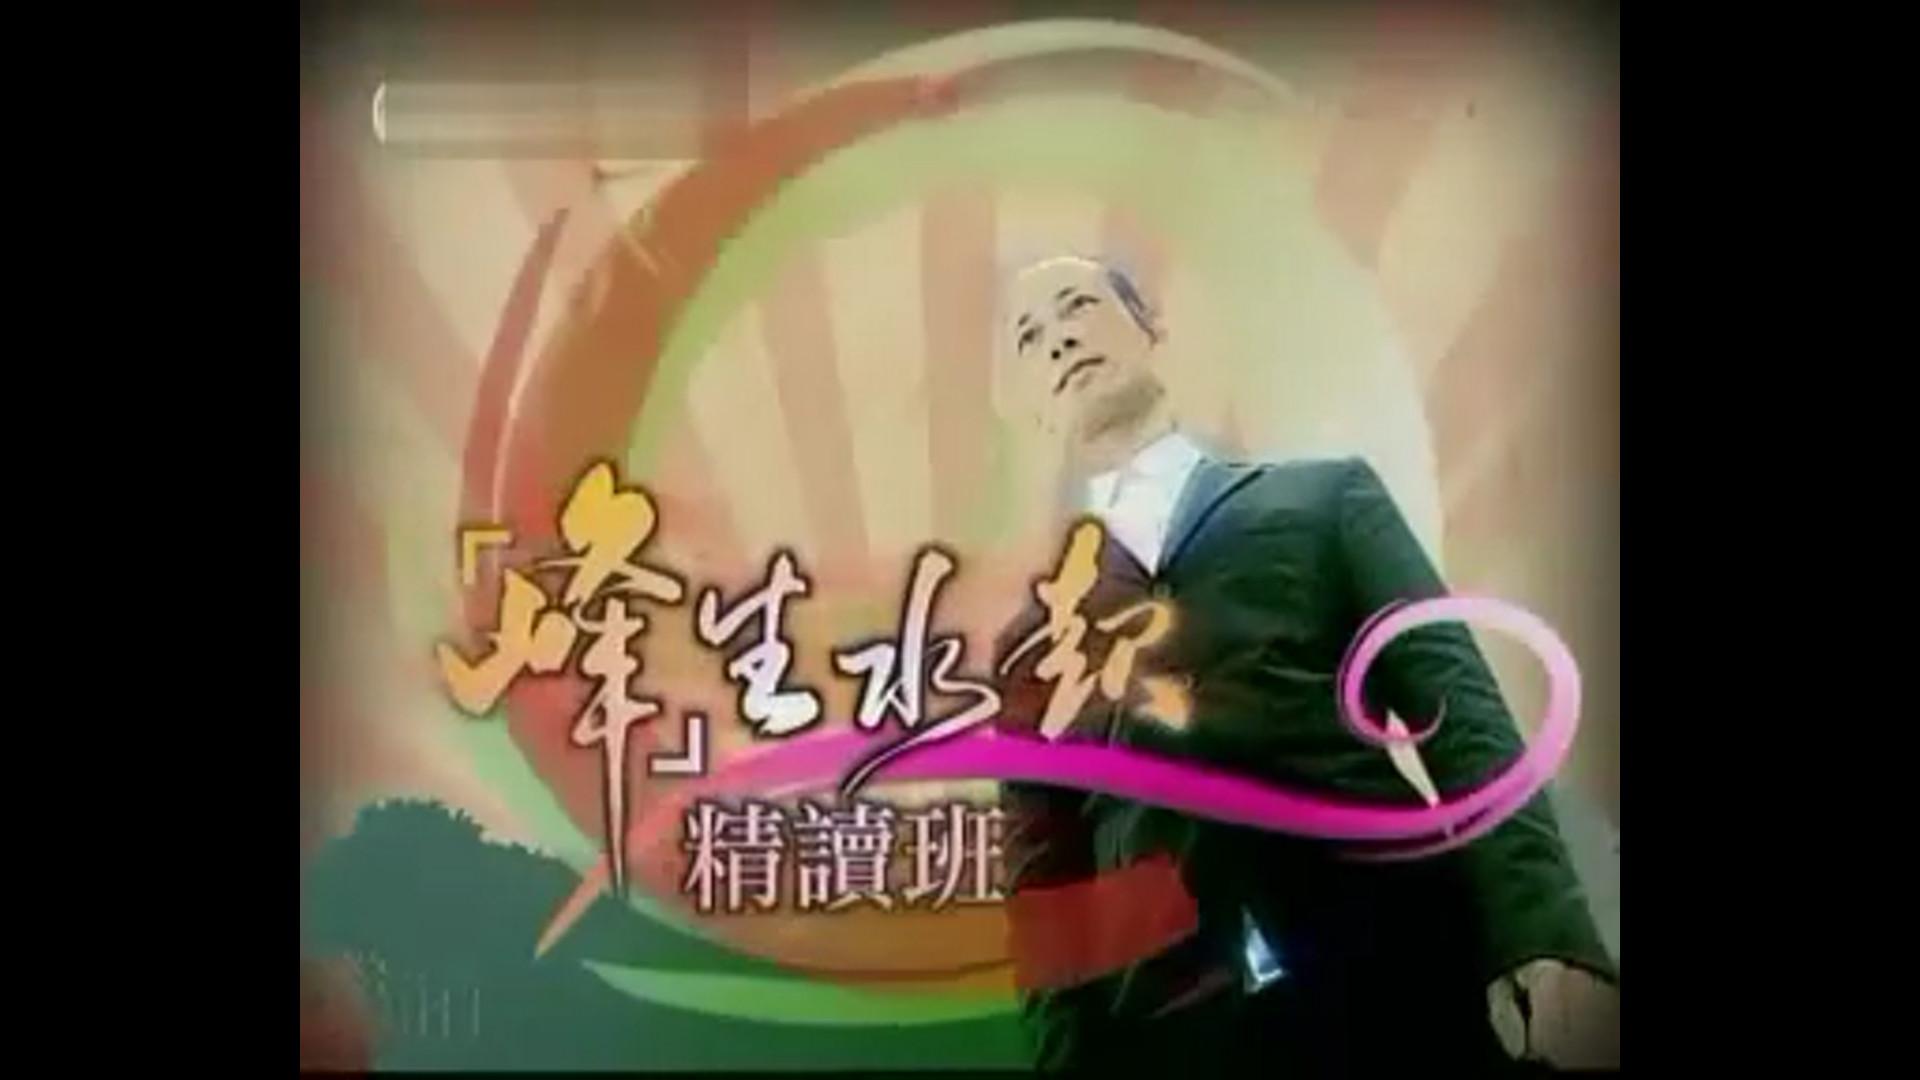 苏民峰-峰生水起精读班-风水篇(粤语中字)